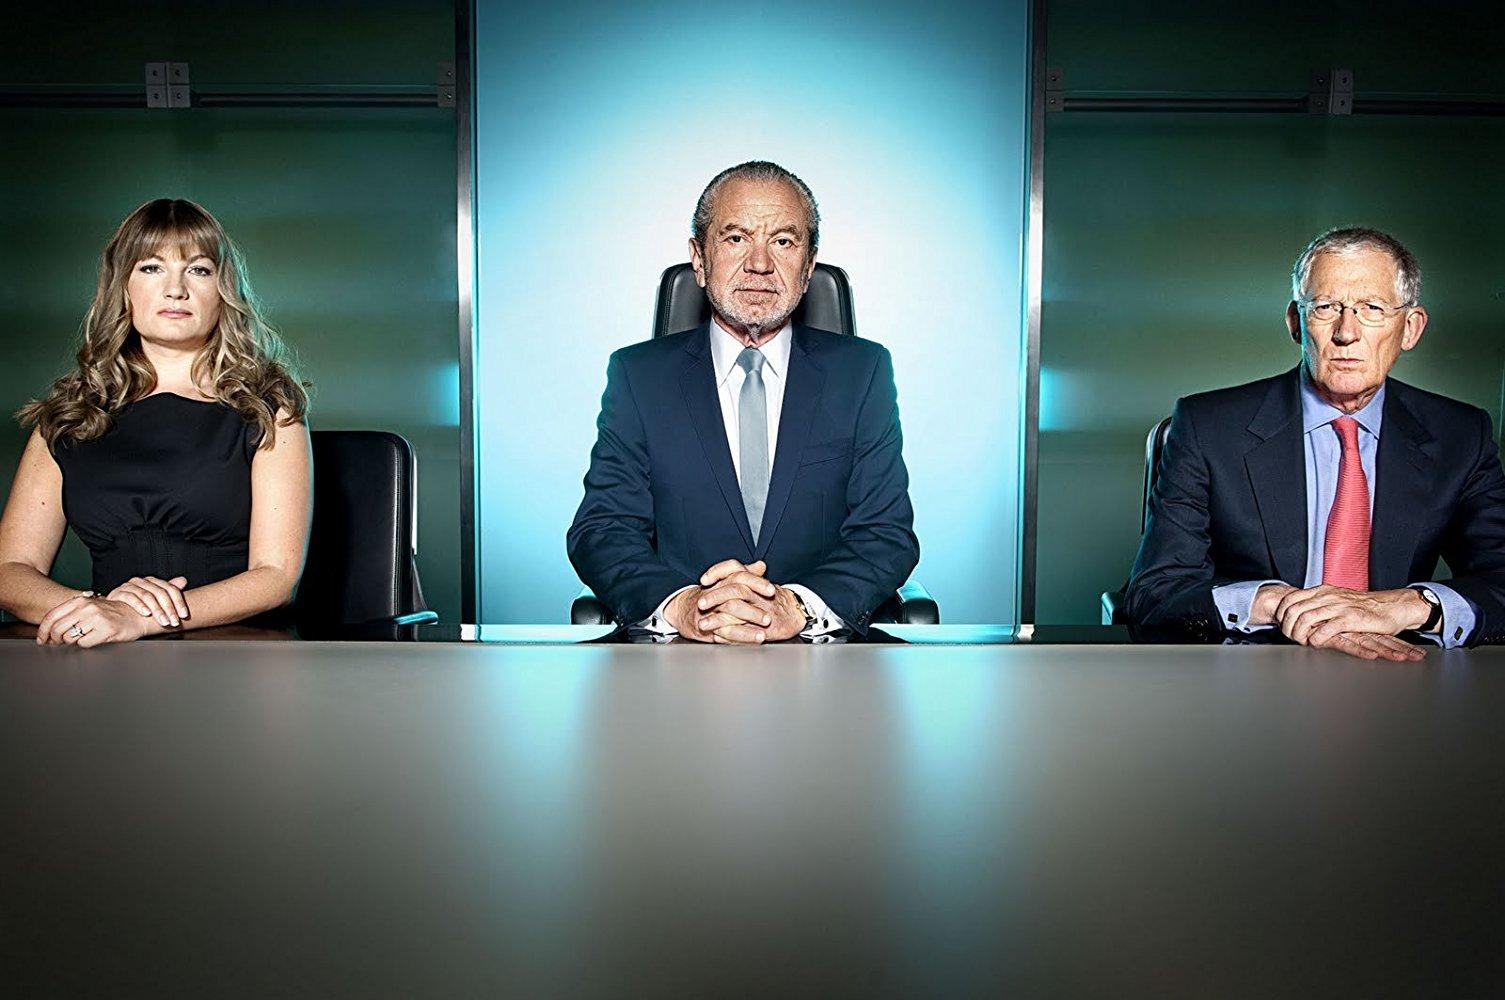 The Apprentice - Season 13